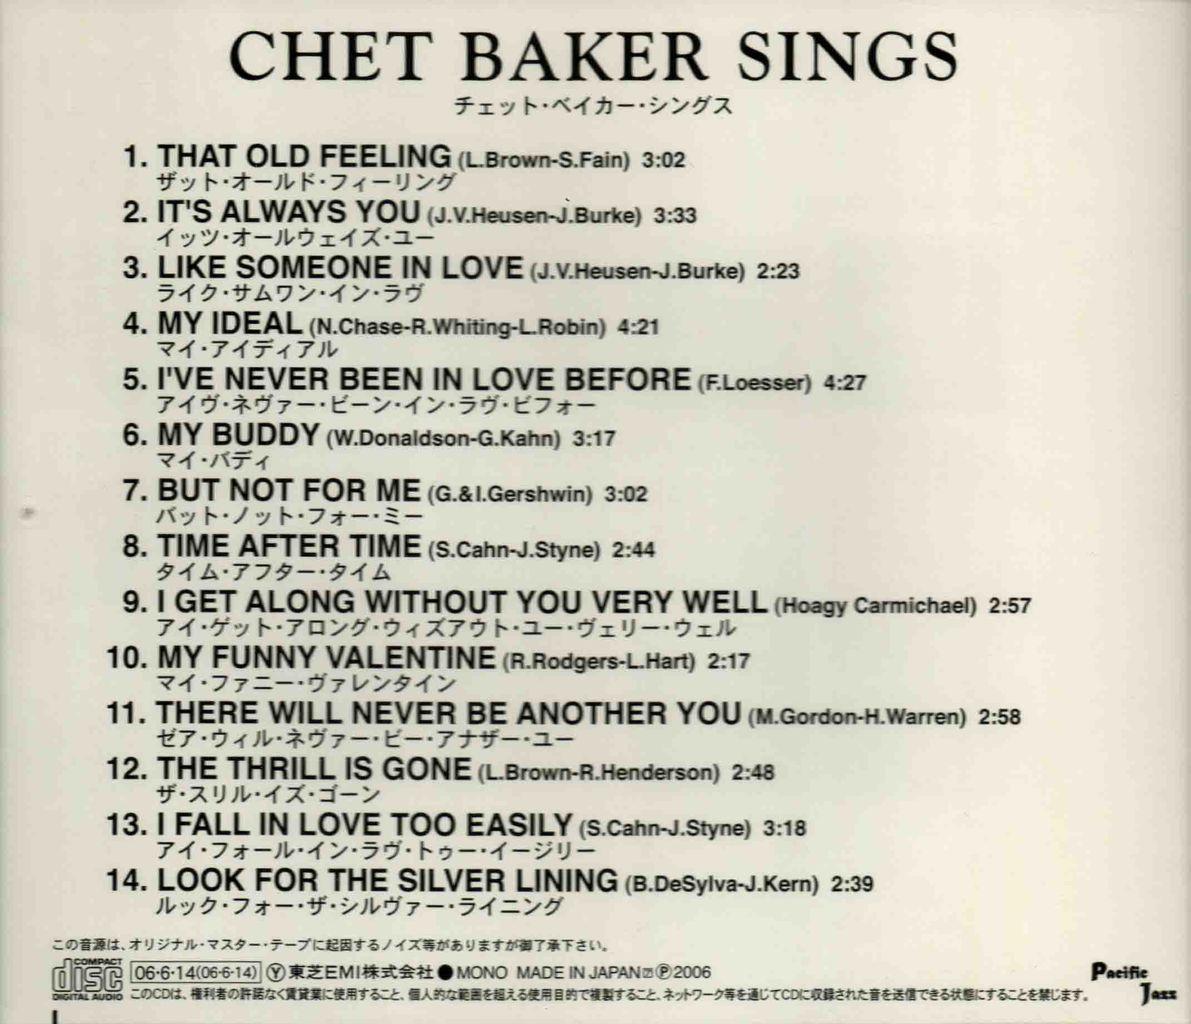 CHET BAKER SINGS-2